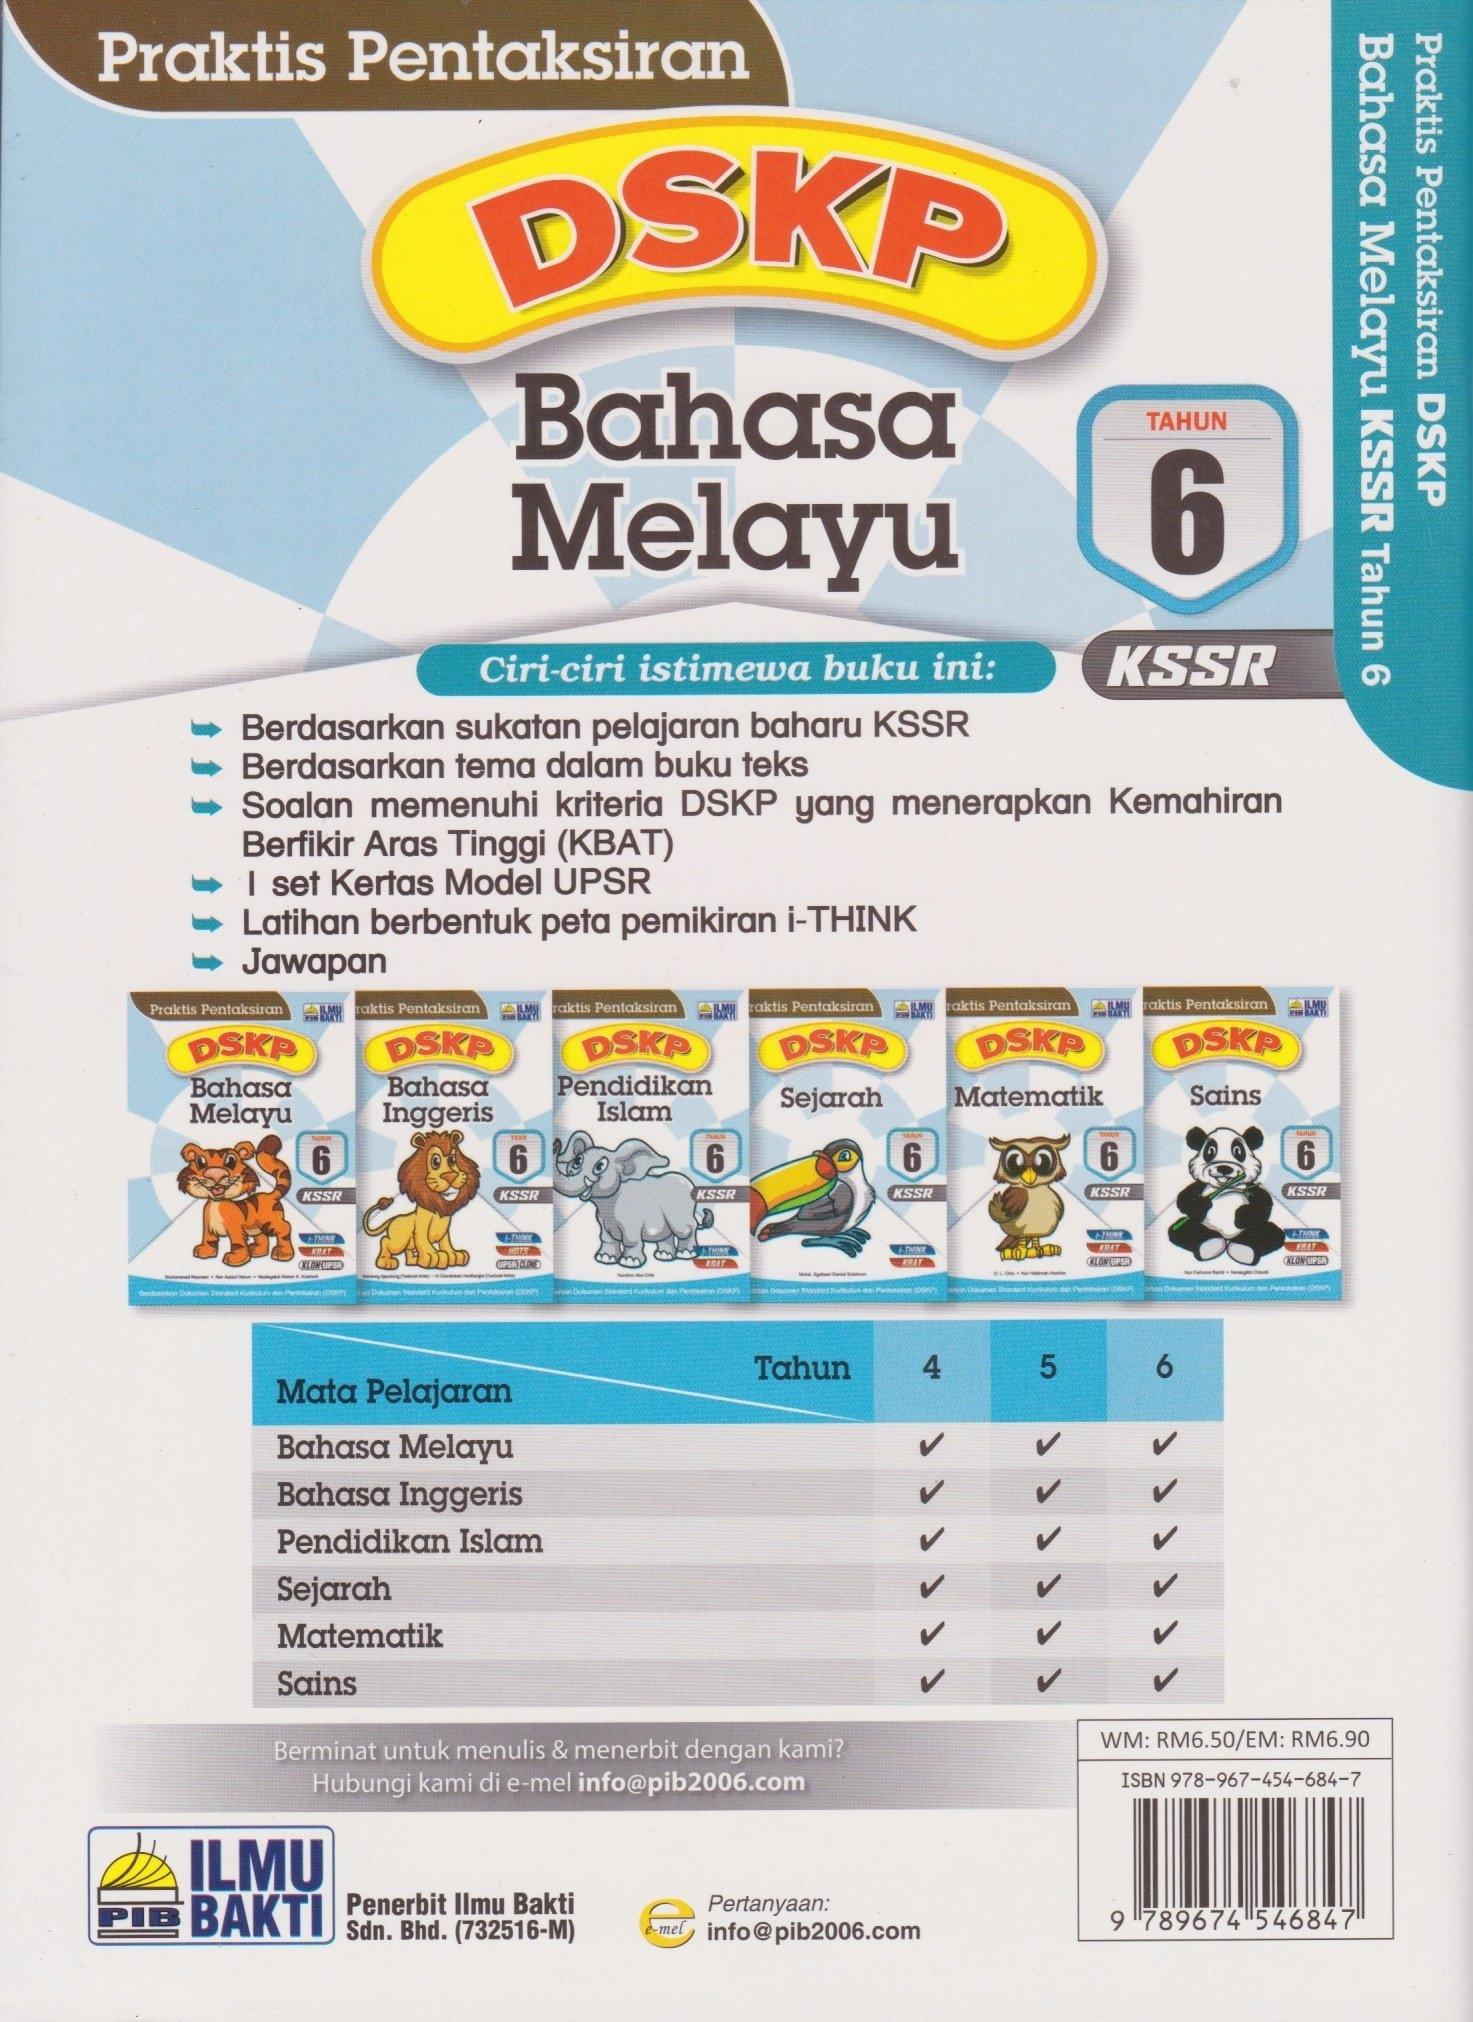 Download Dskp Bahasa Melayu Tahun 6 Terhebat Praktis Pentaksiran Dskp Bahasa Melayu Tahun 6 Bukudbp Com Of Download Segera Dskp Bahasa Melayu Tahun 6 Yang Terbaik Khas Untuk Murid Muat Turun!